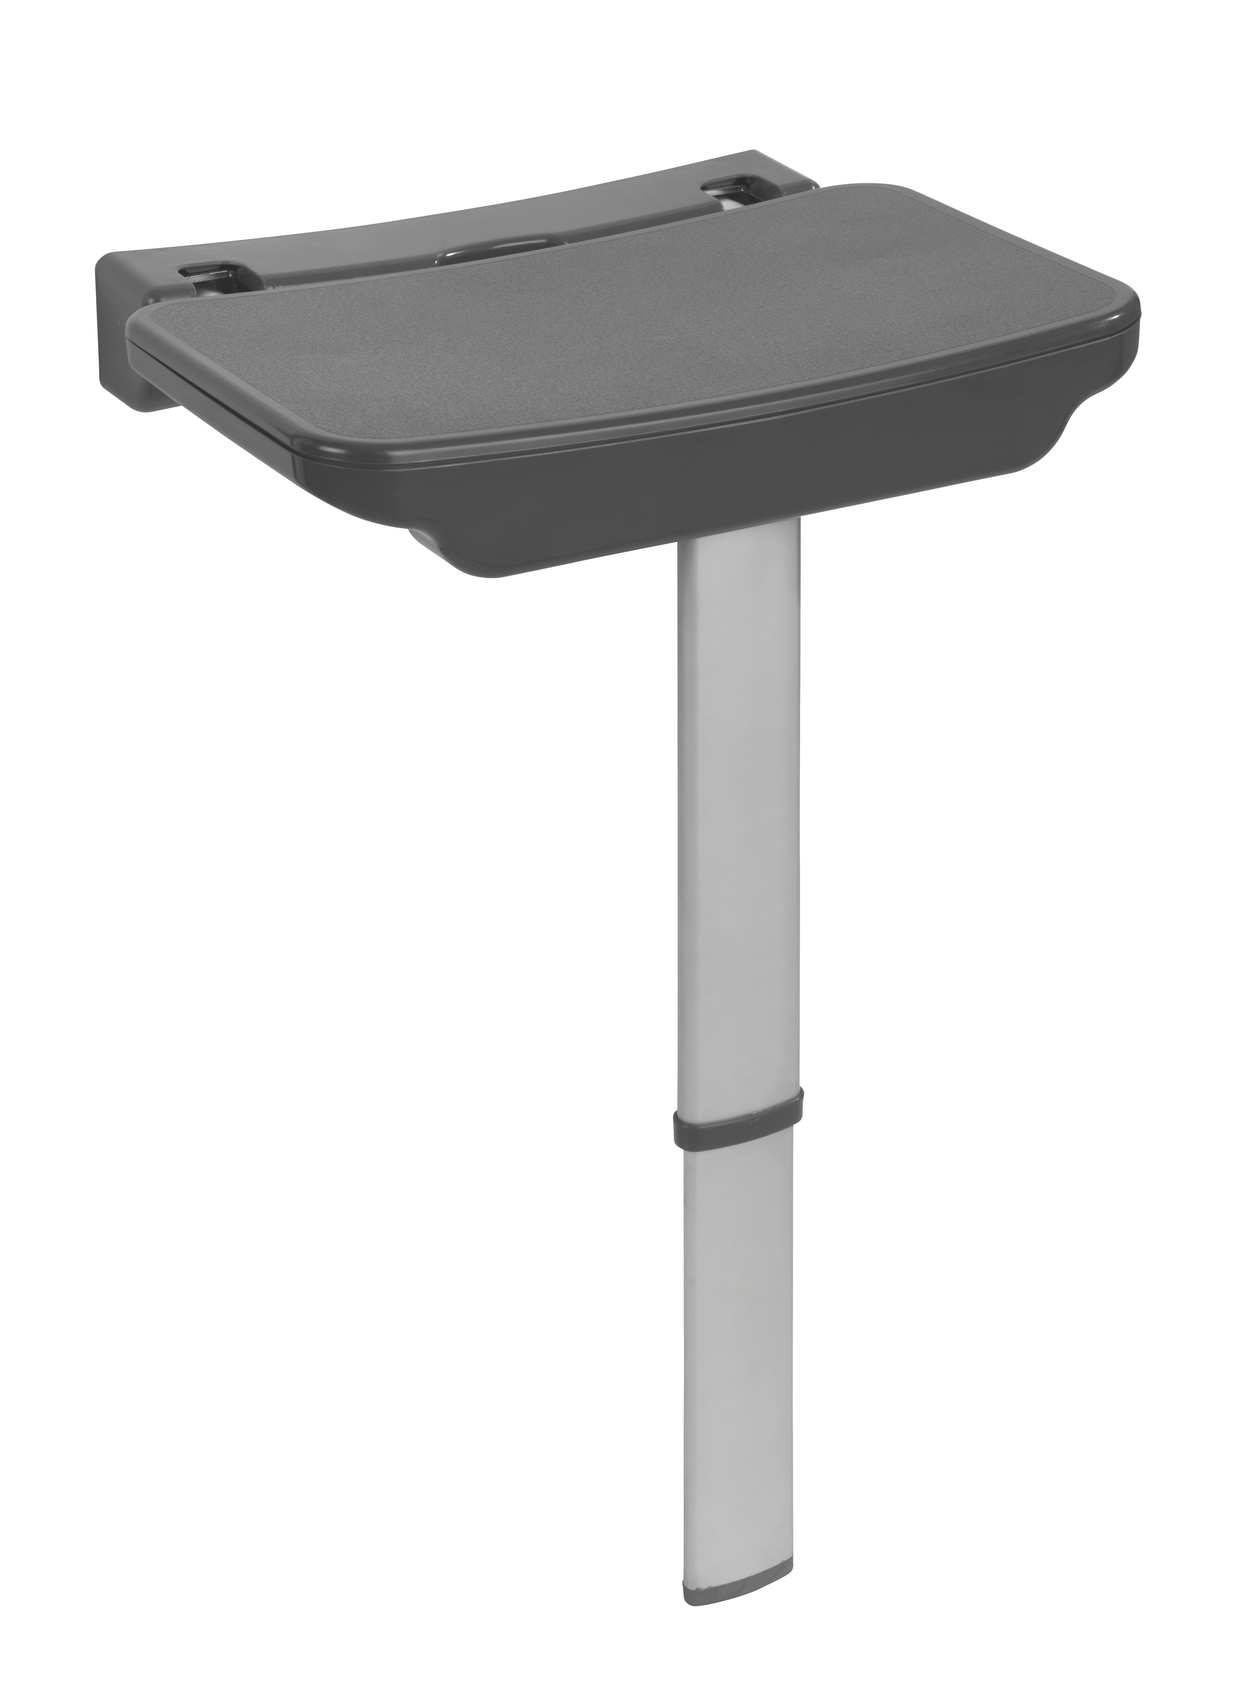 Scaun pliabil pentru dus cu picior din aluminiu, Secura Premium Antracit, l37xA30,5xH56,5 cm imagine